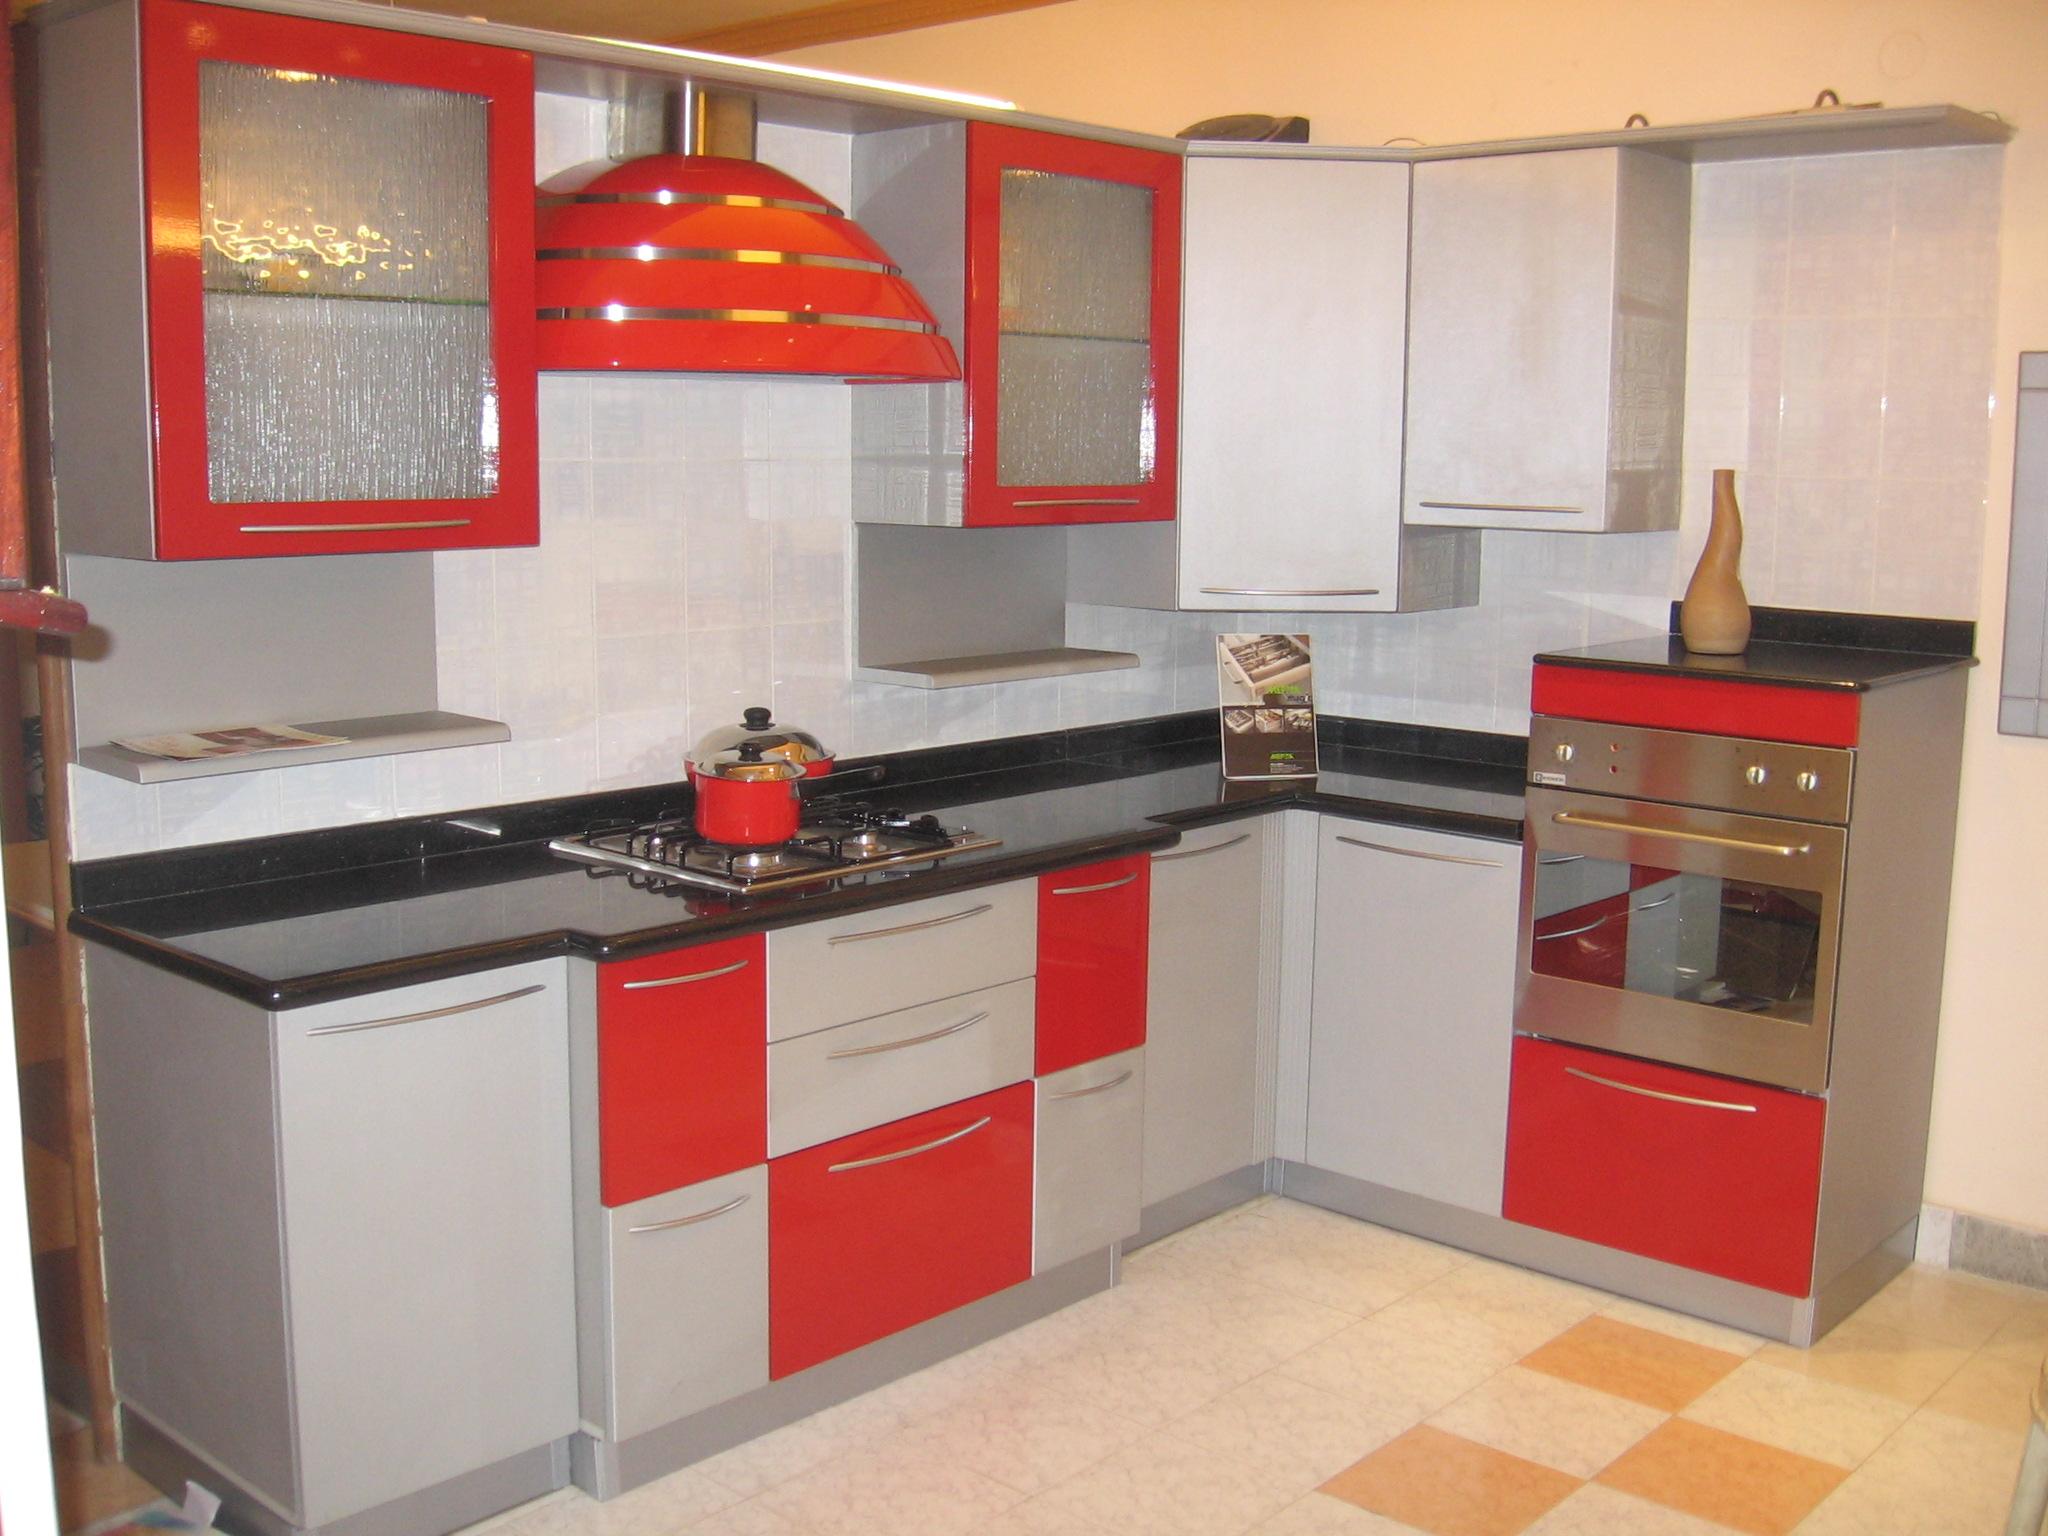 standard-størrelser-modulære-køkken-frysere